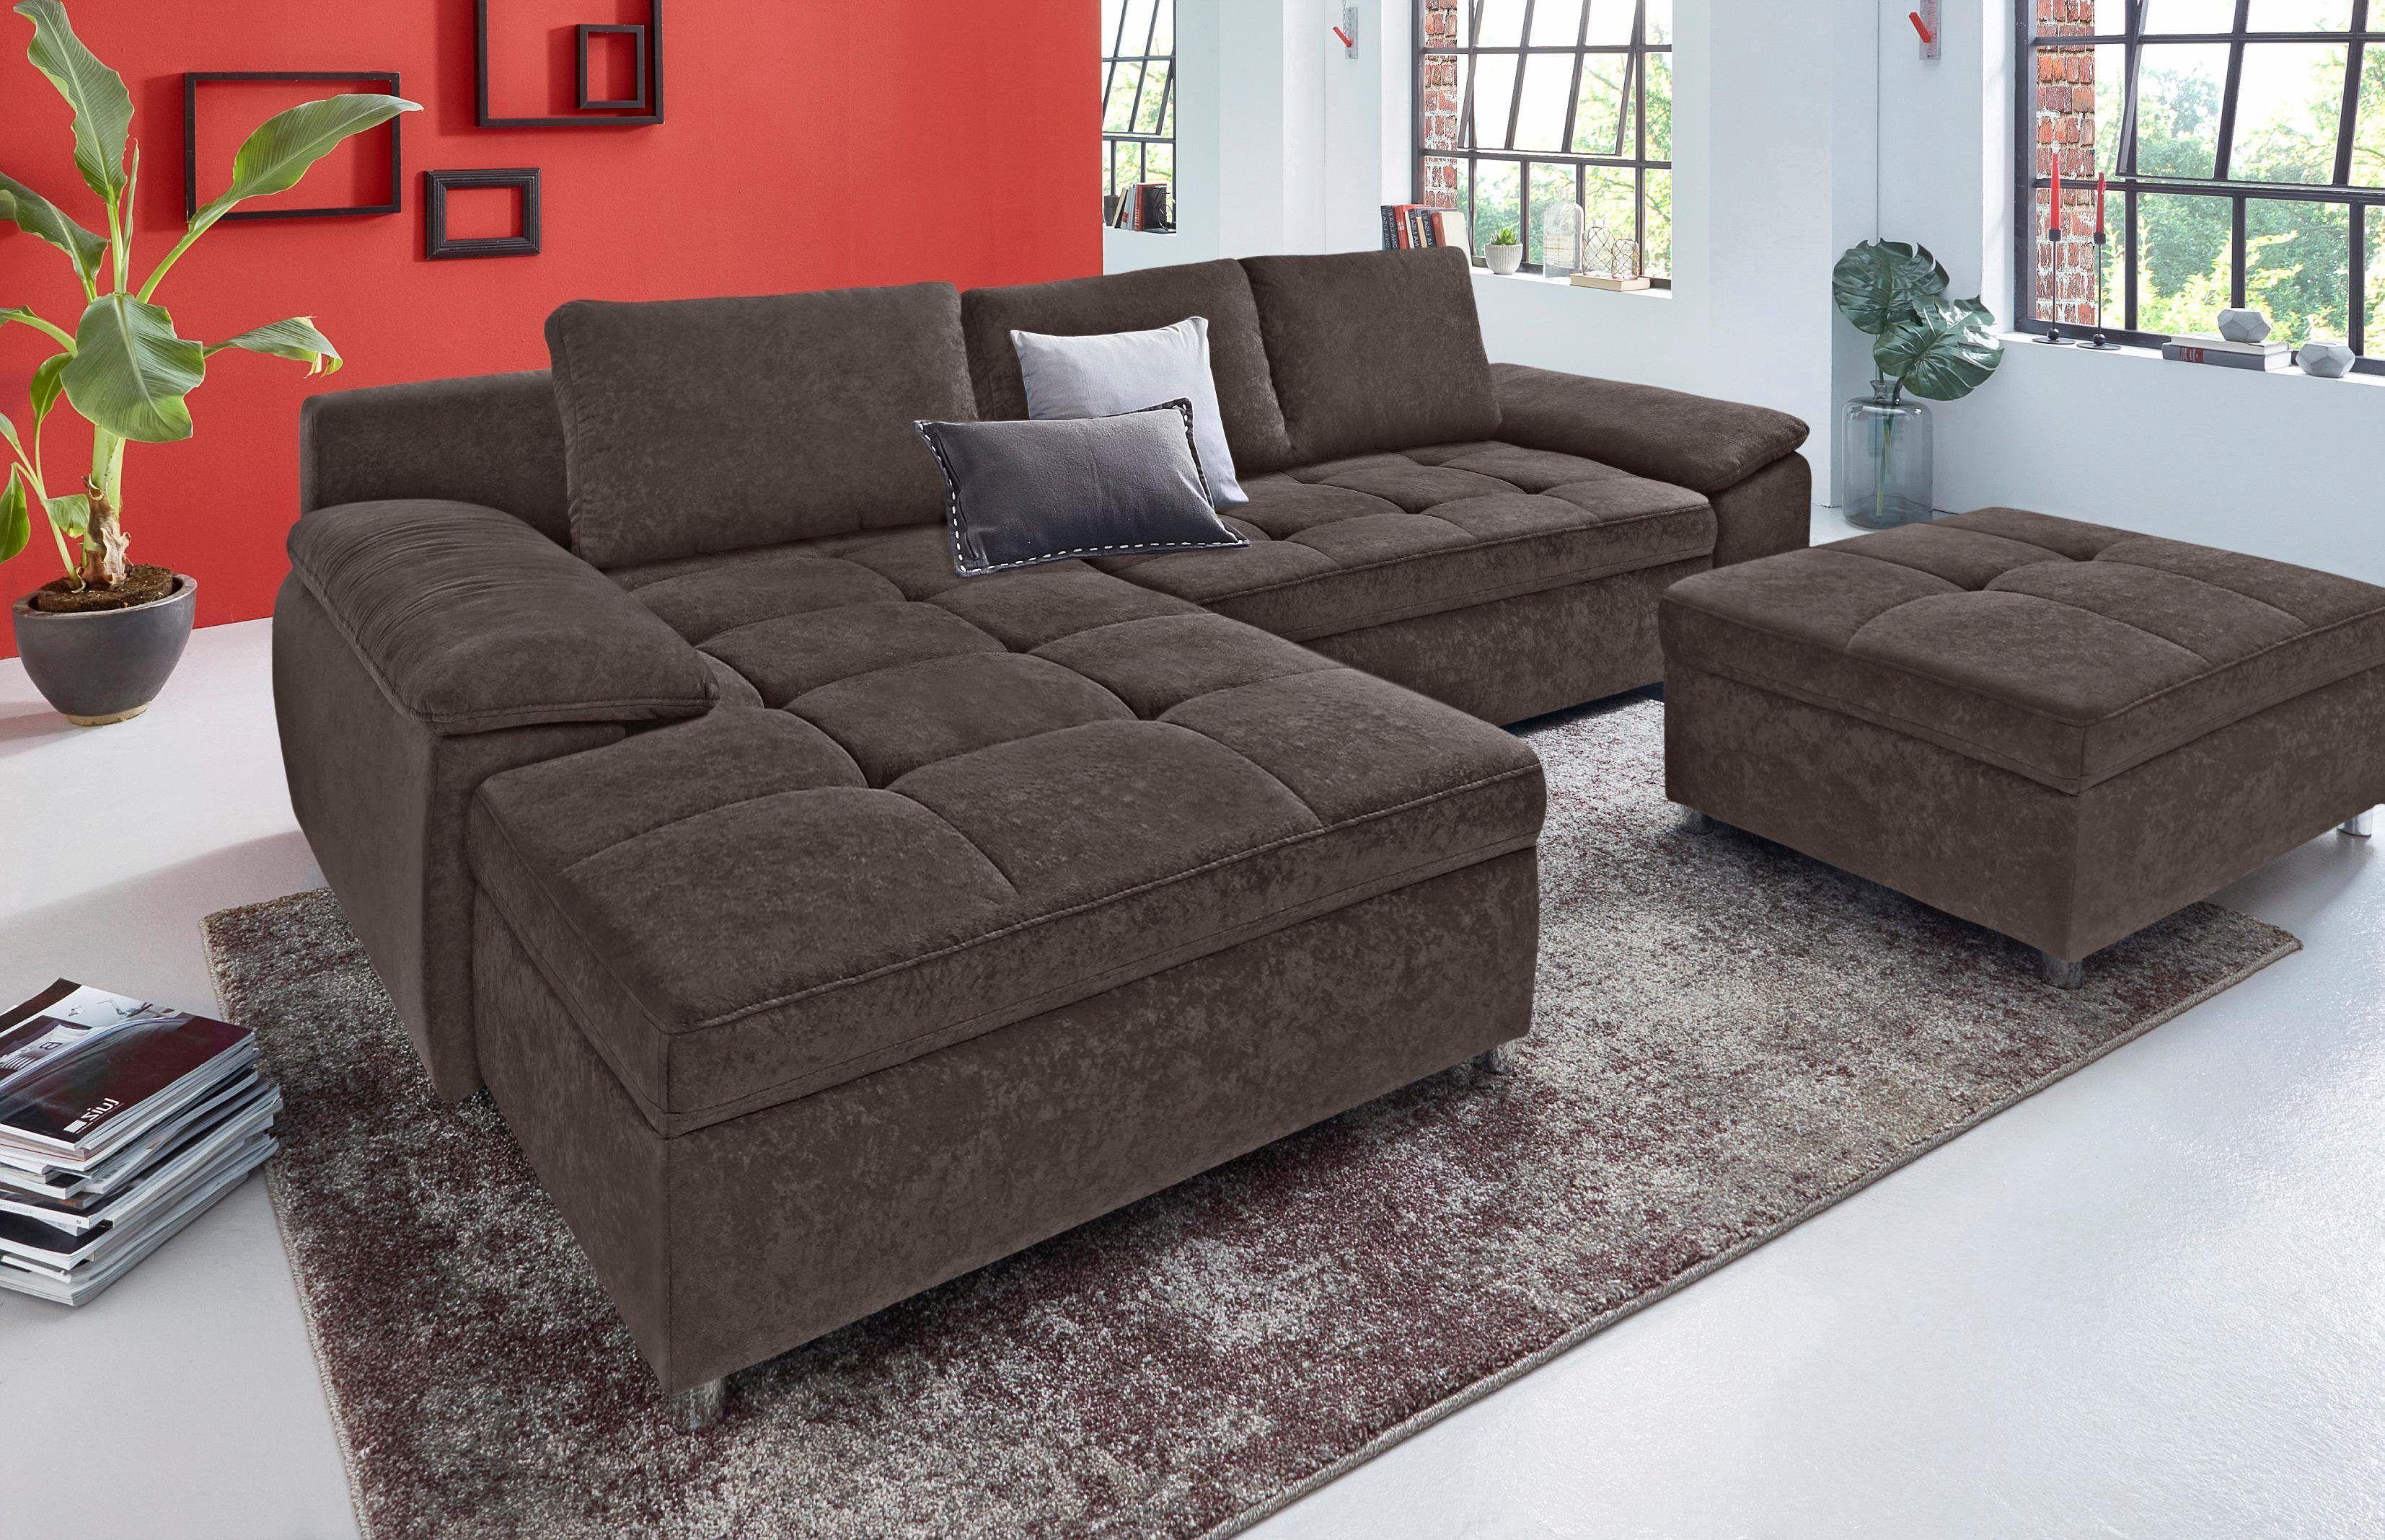 Liebenswert Sofa Mit Schlaffunktion Und Bettkasten Das Beste Von Sit&more Sitzecke Braun, Recamiere Links/ Rechts Montierbar,